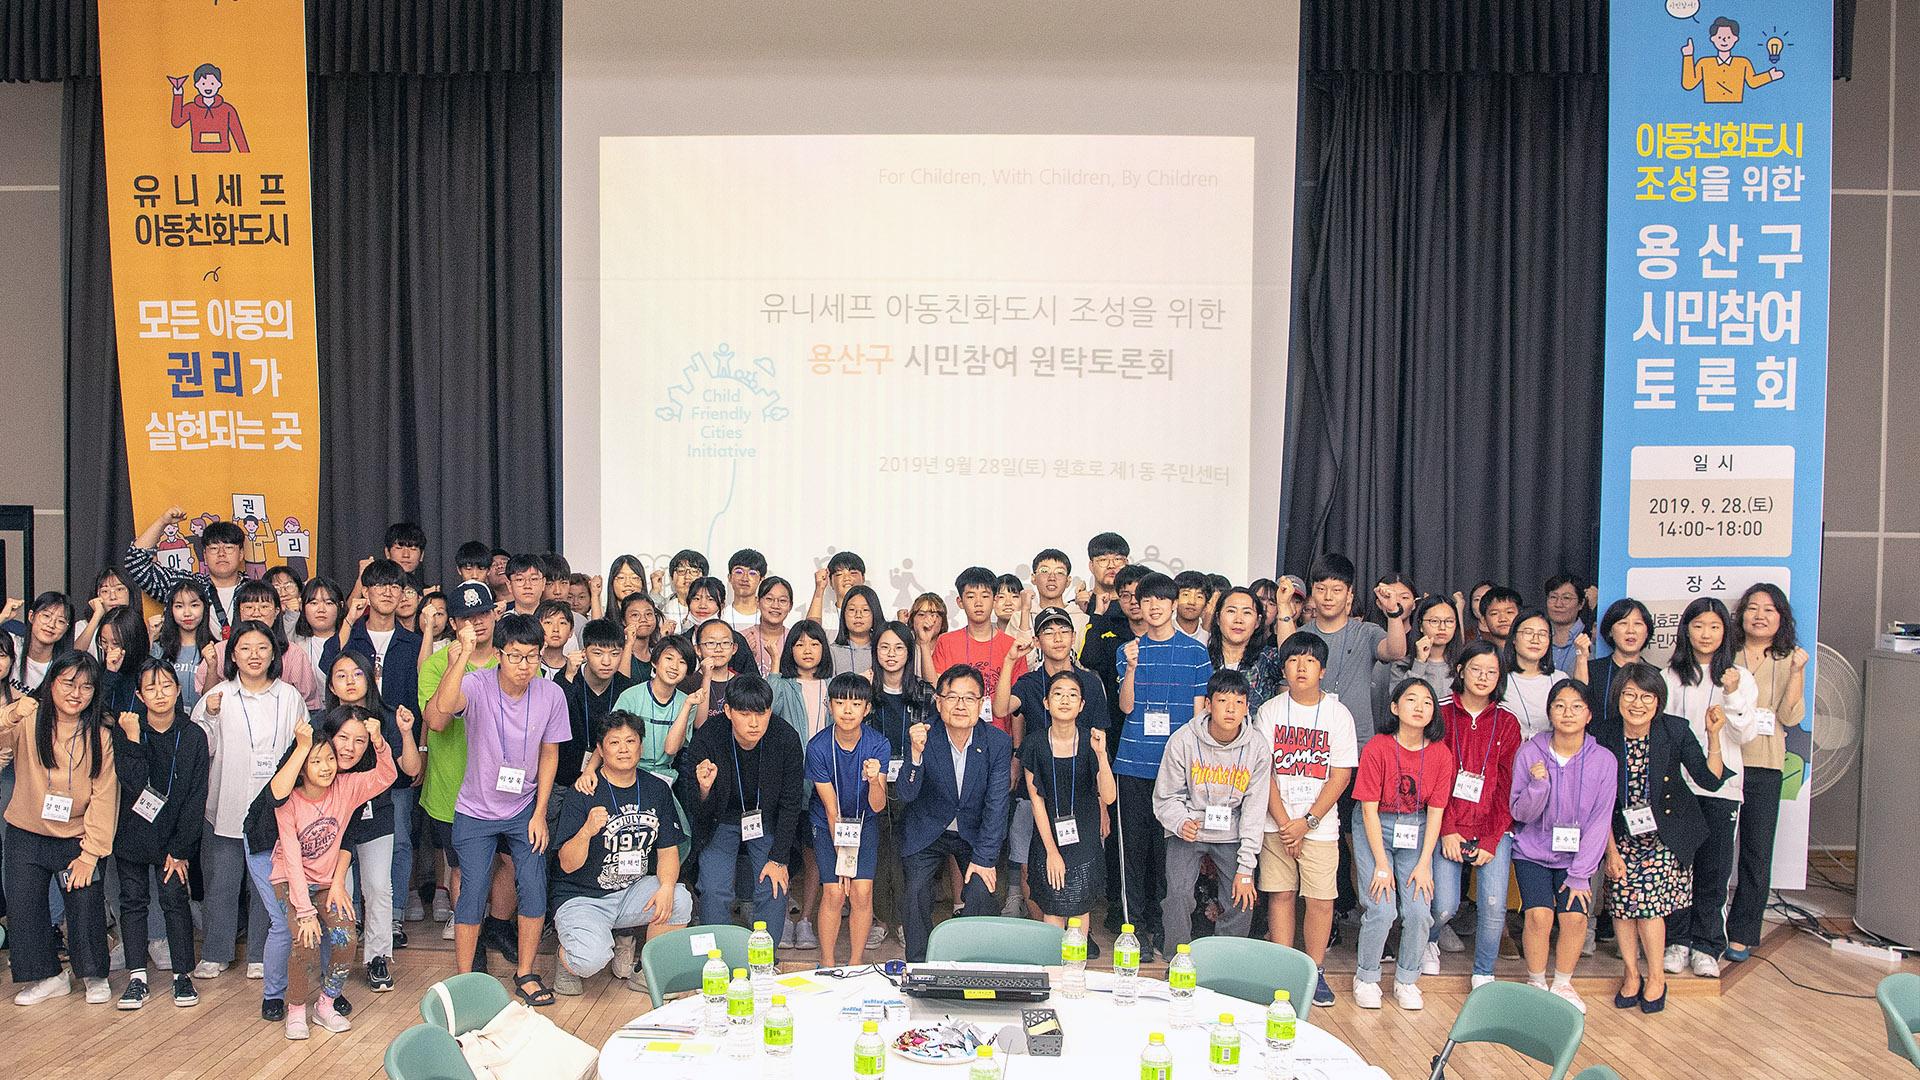 용산구 유니세프 아동친화도시 조성 원탁토론회